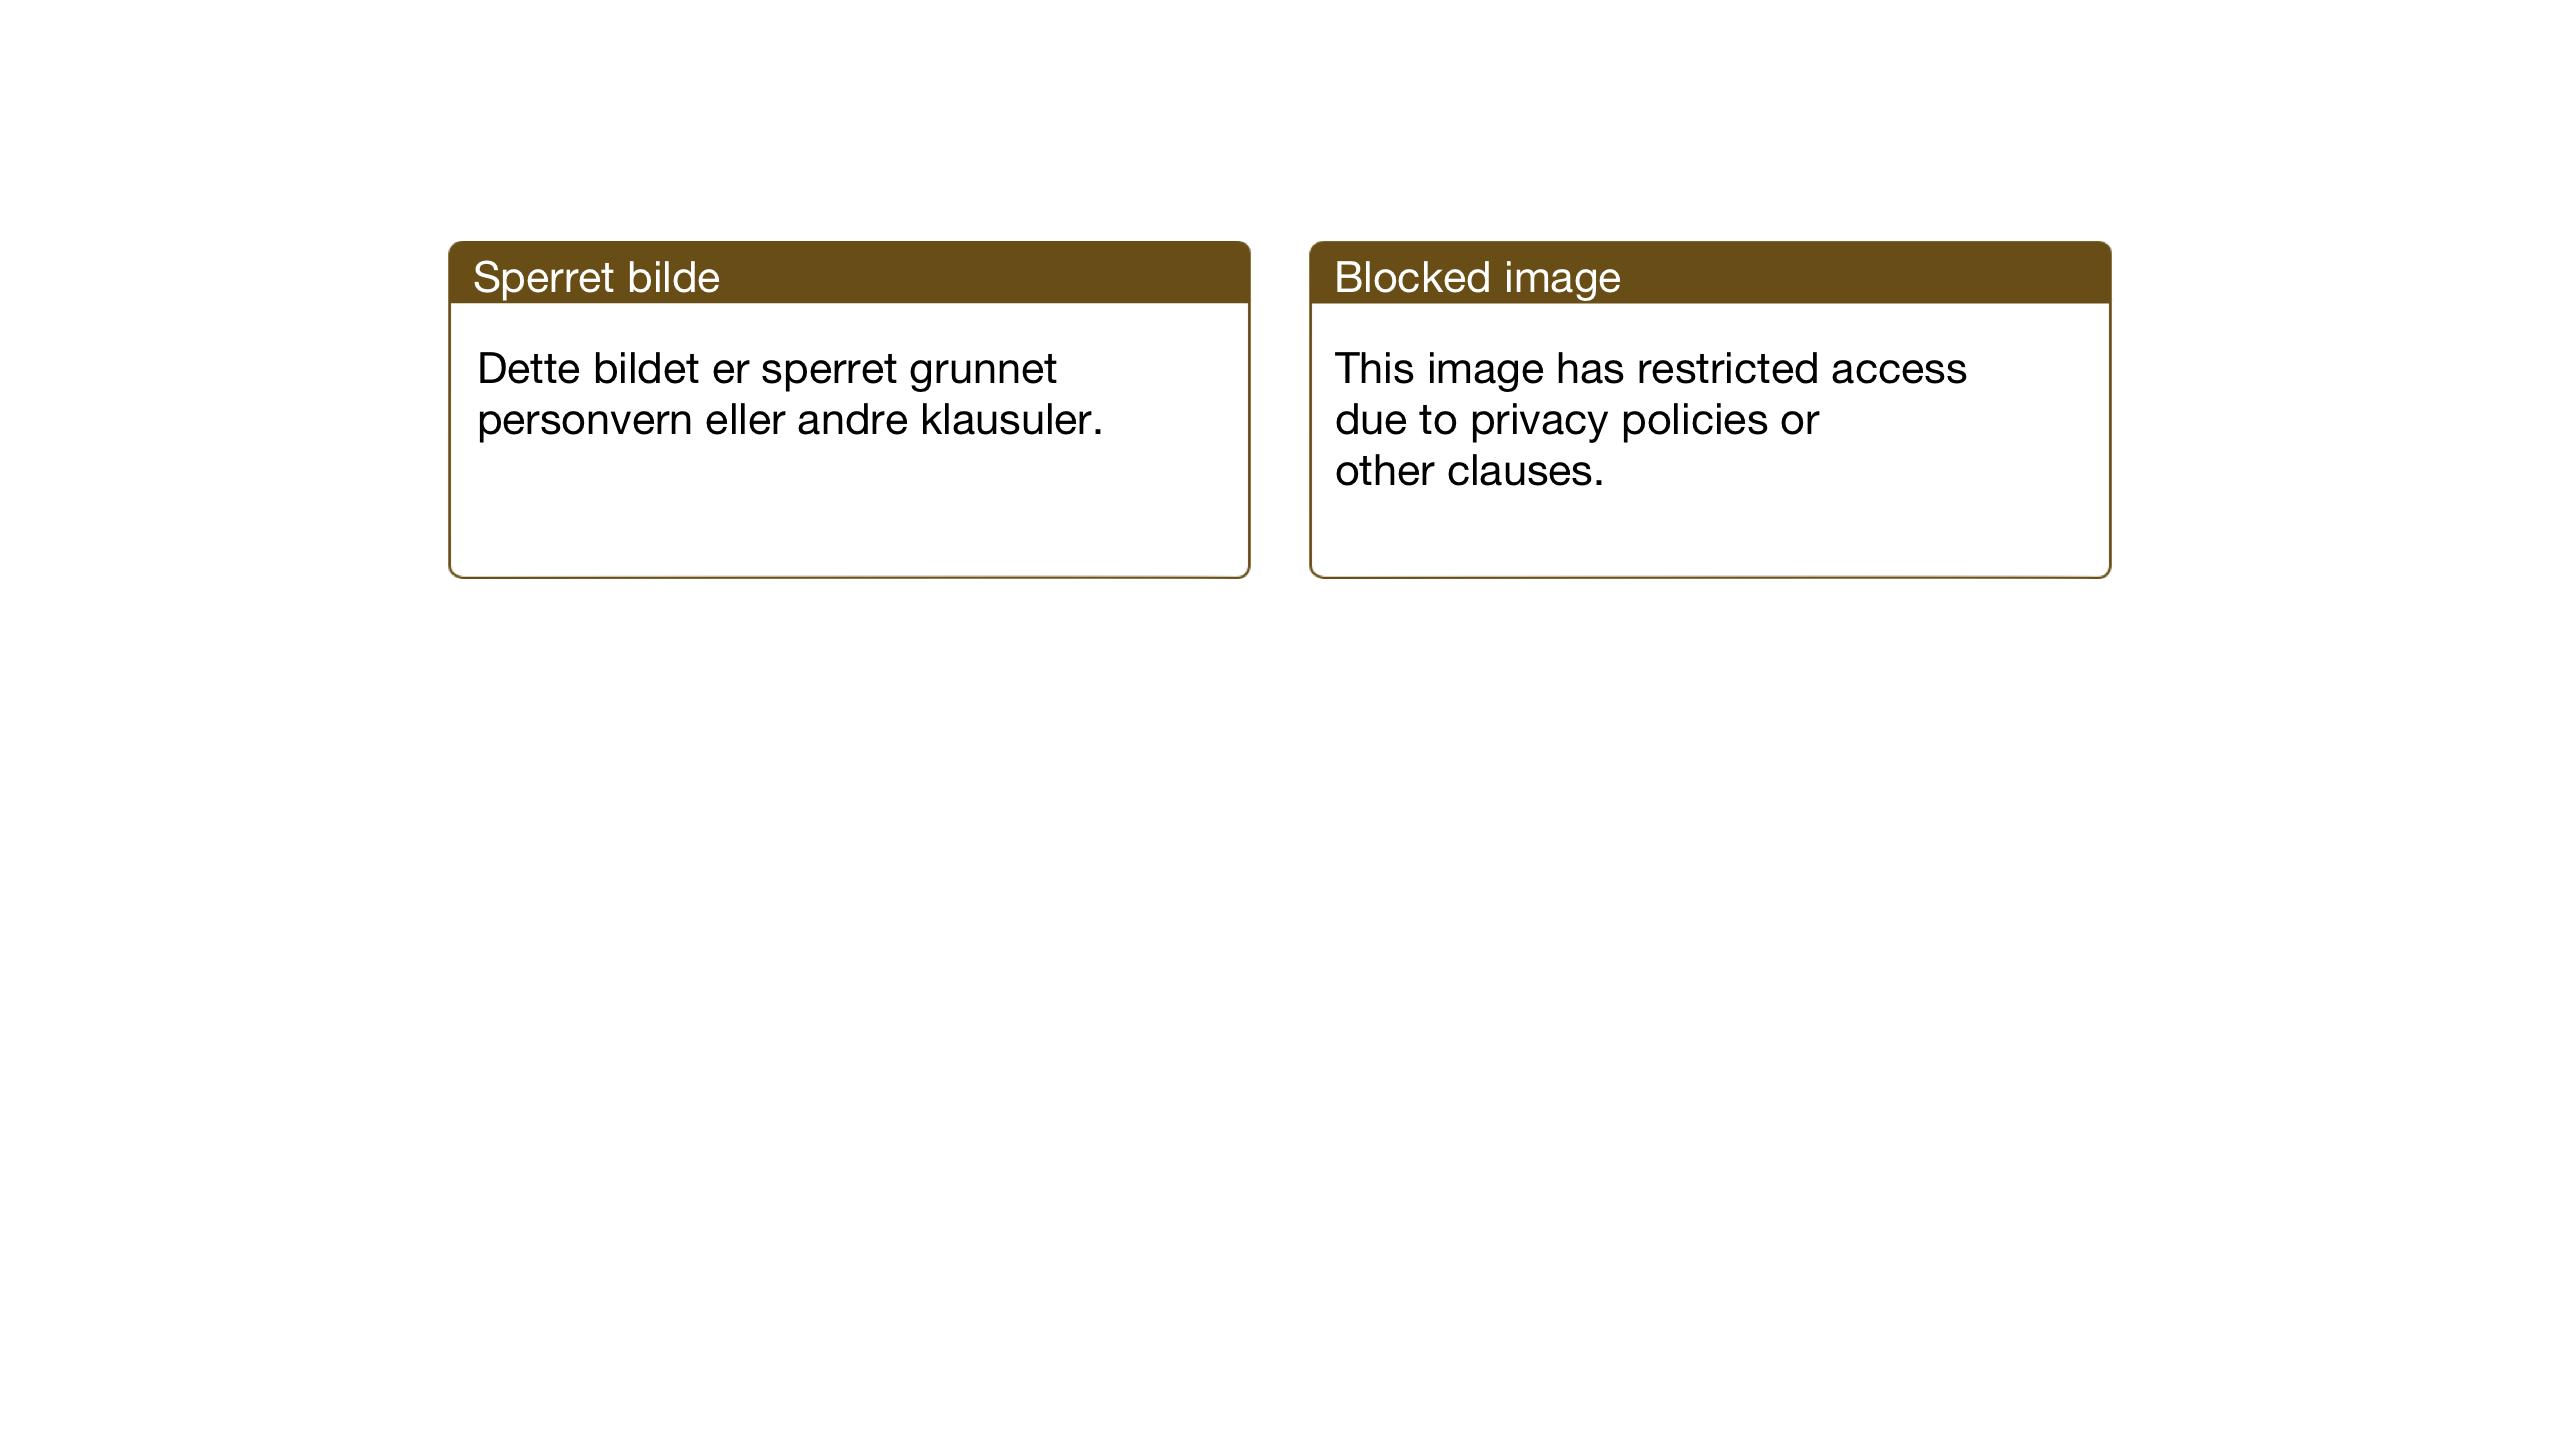 SAT, Ministerialprotokoller, klokkerbøker og fødselsregistre - Nord-Trøndelag, 740/L0383: Klokkerbok nr. 740C04, 1927-1939, s. 38